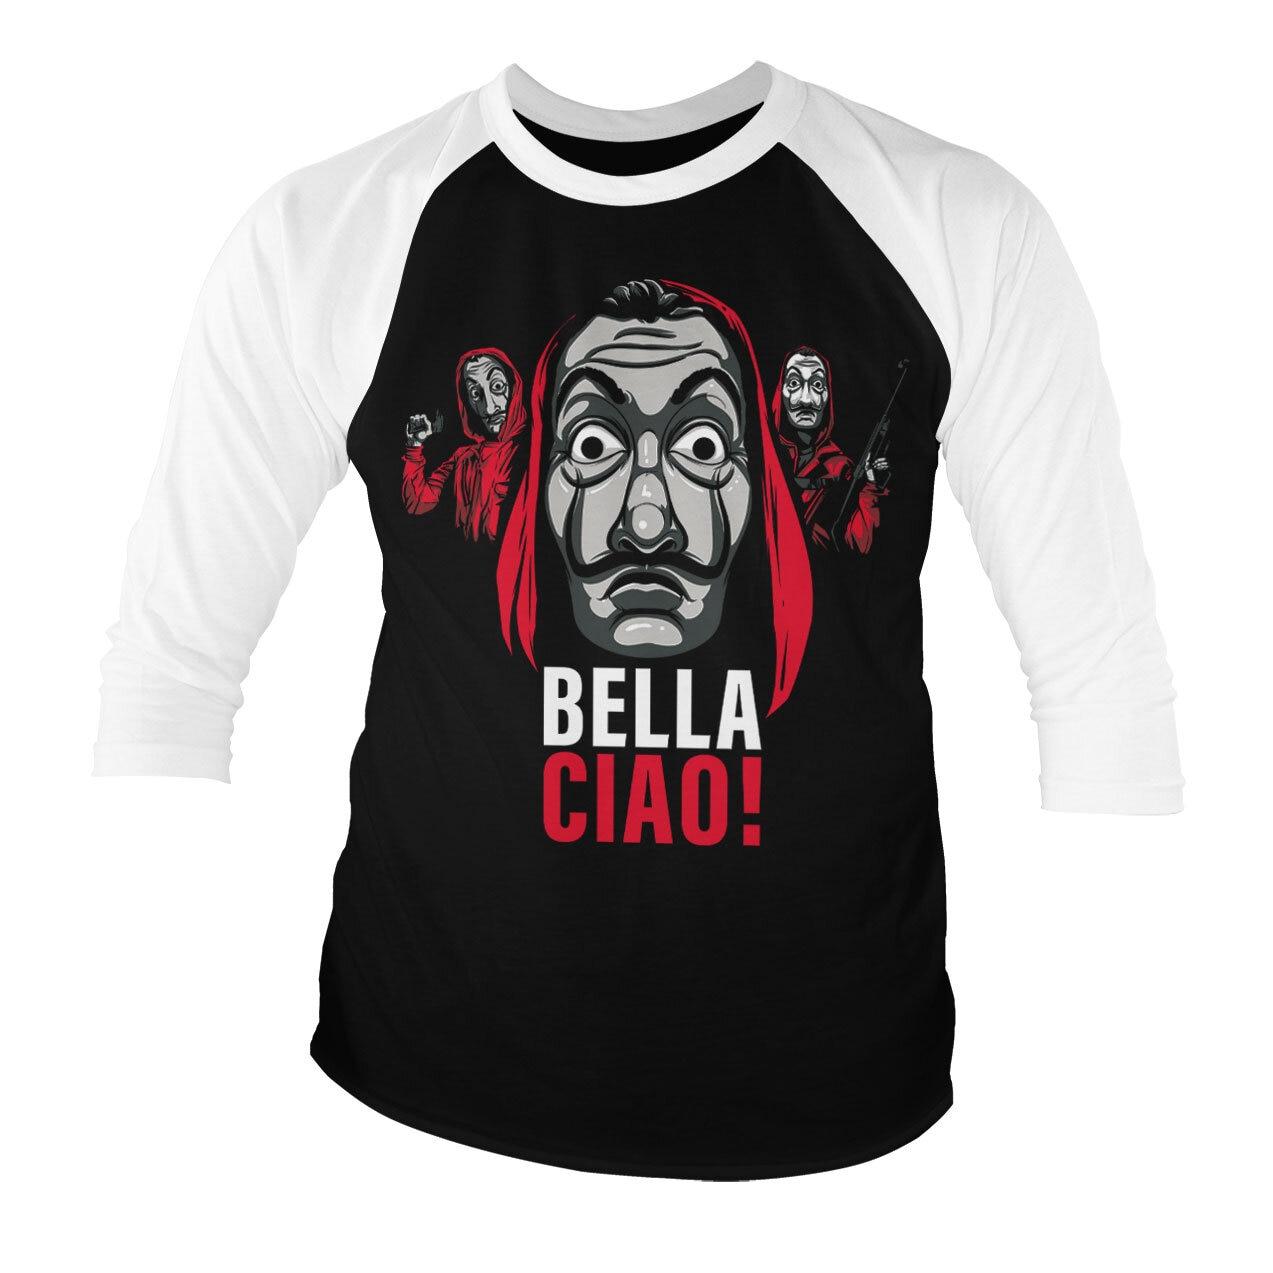 La Casa De Papel - Bella Ciao! Baseball 3/4 Sleeve Tee